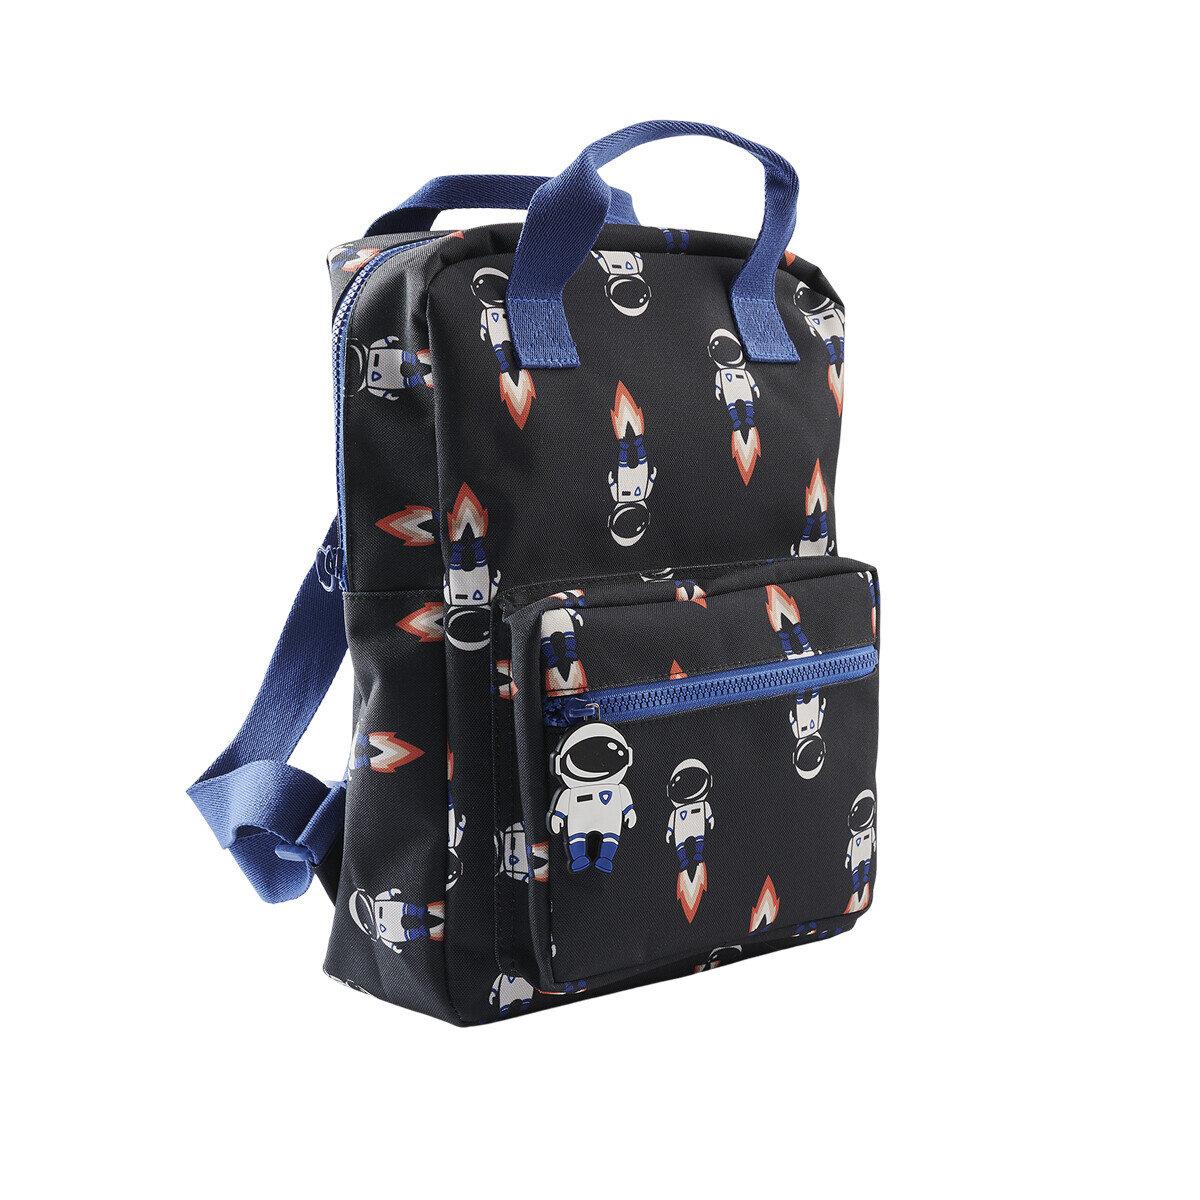 z8mkw210000backpack